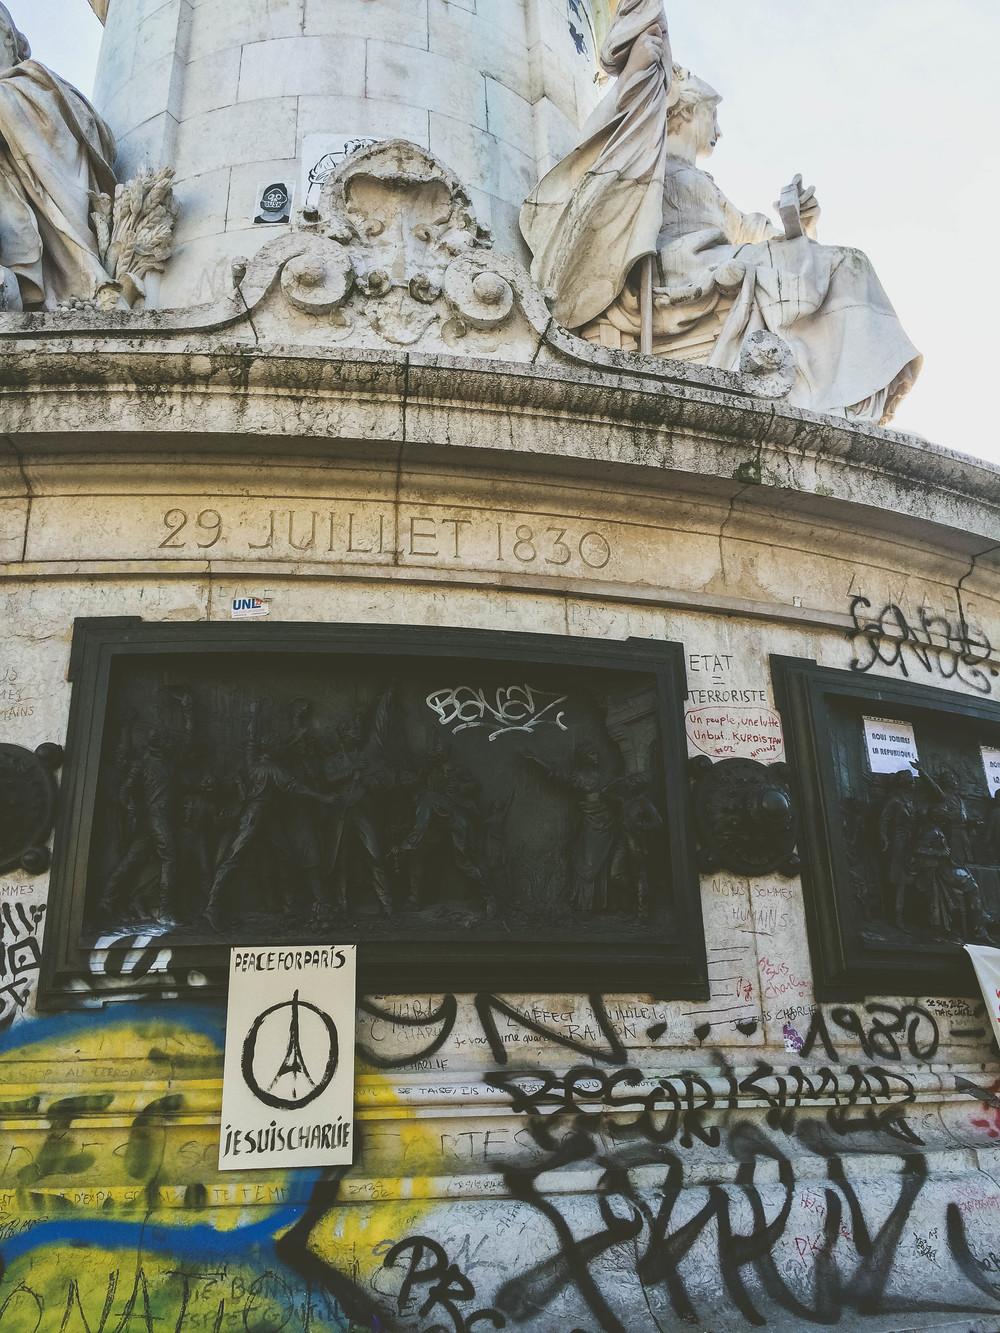 Place de la Republique memorial